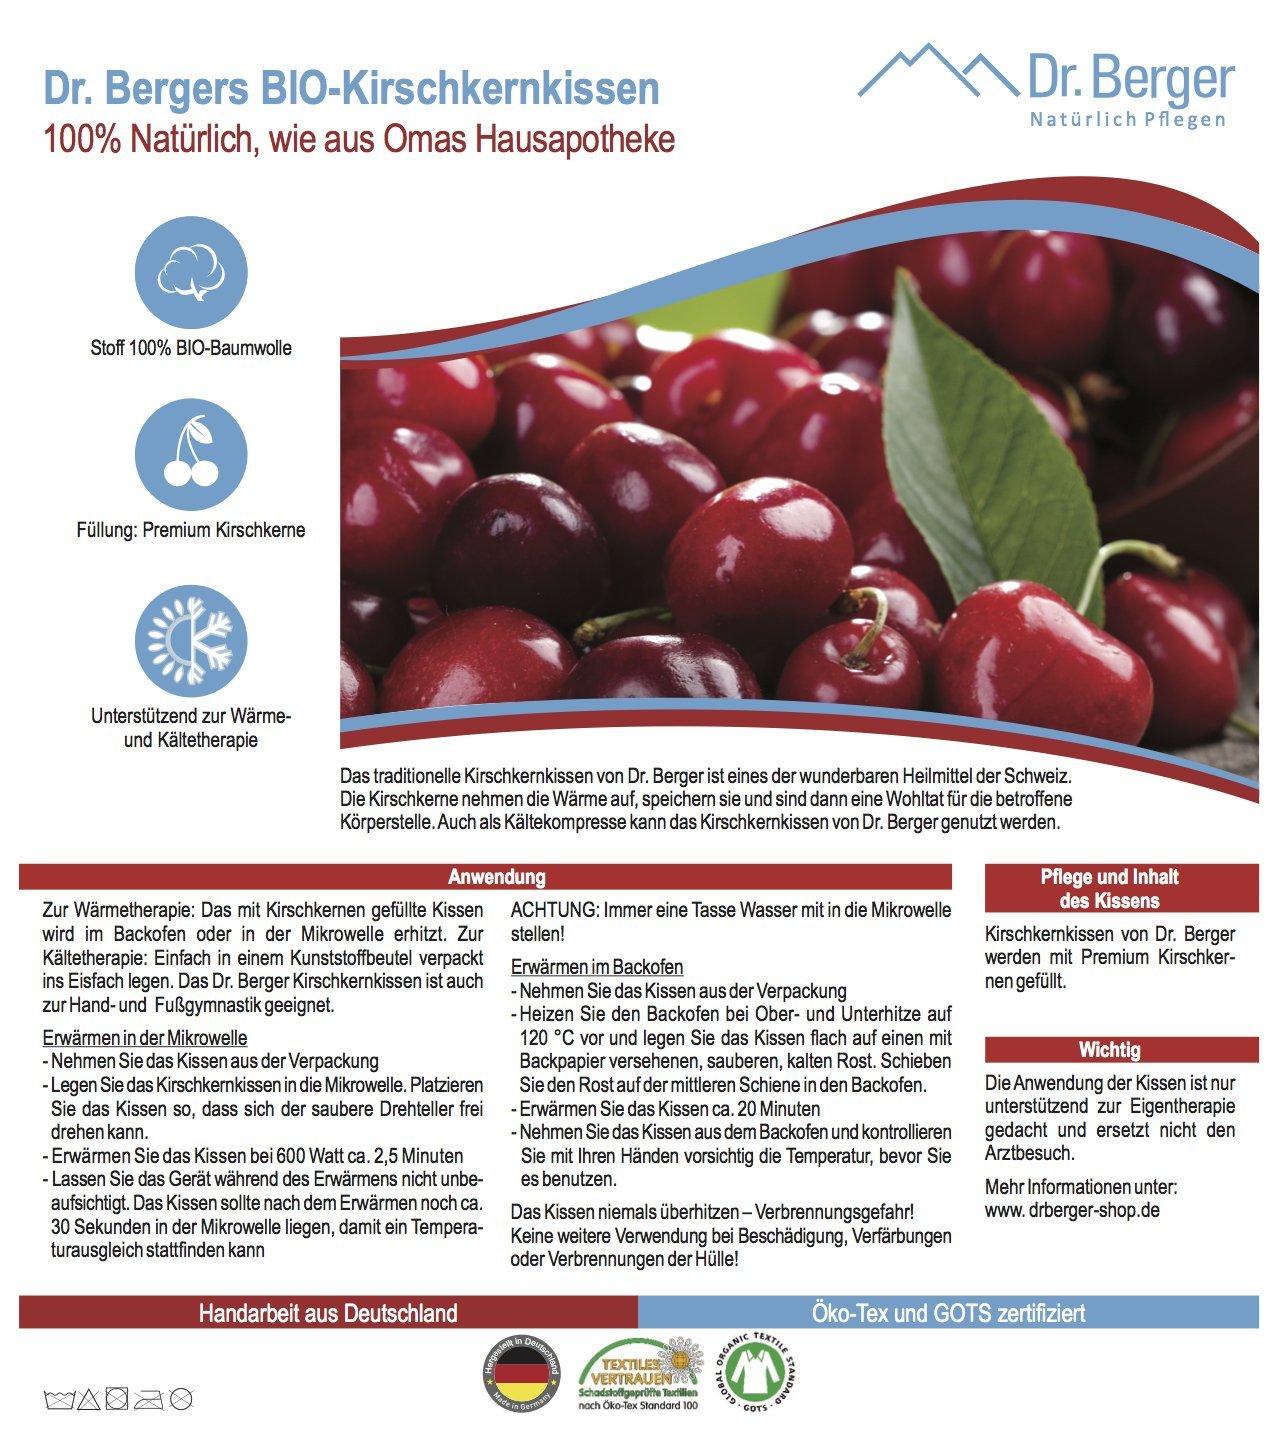 und K/ältetherapie* 25x25cm Original Dr Berger Bio-Kirschkernkissen *W/ärme